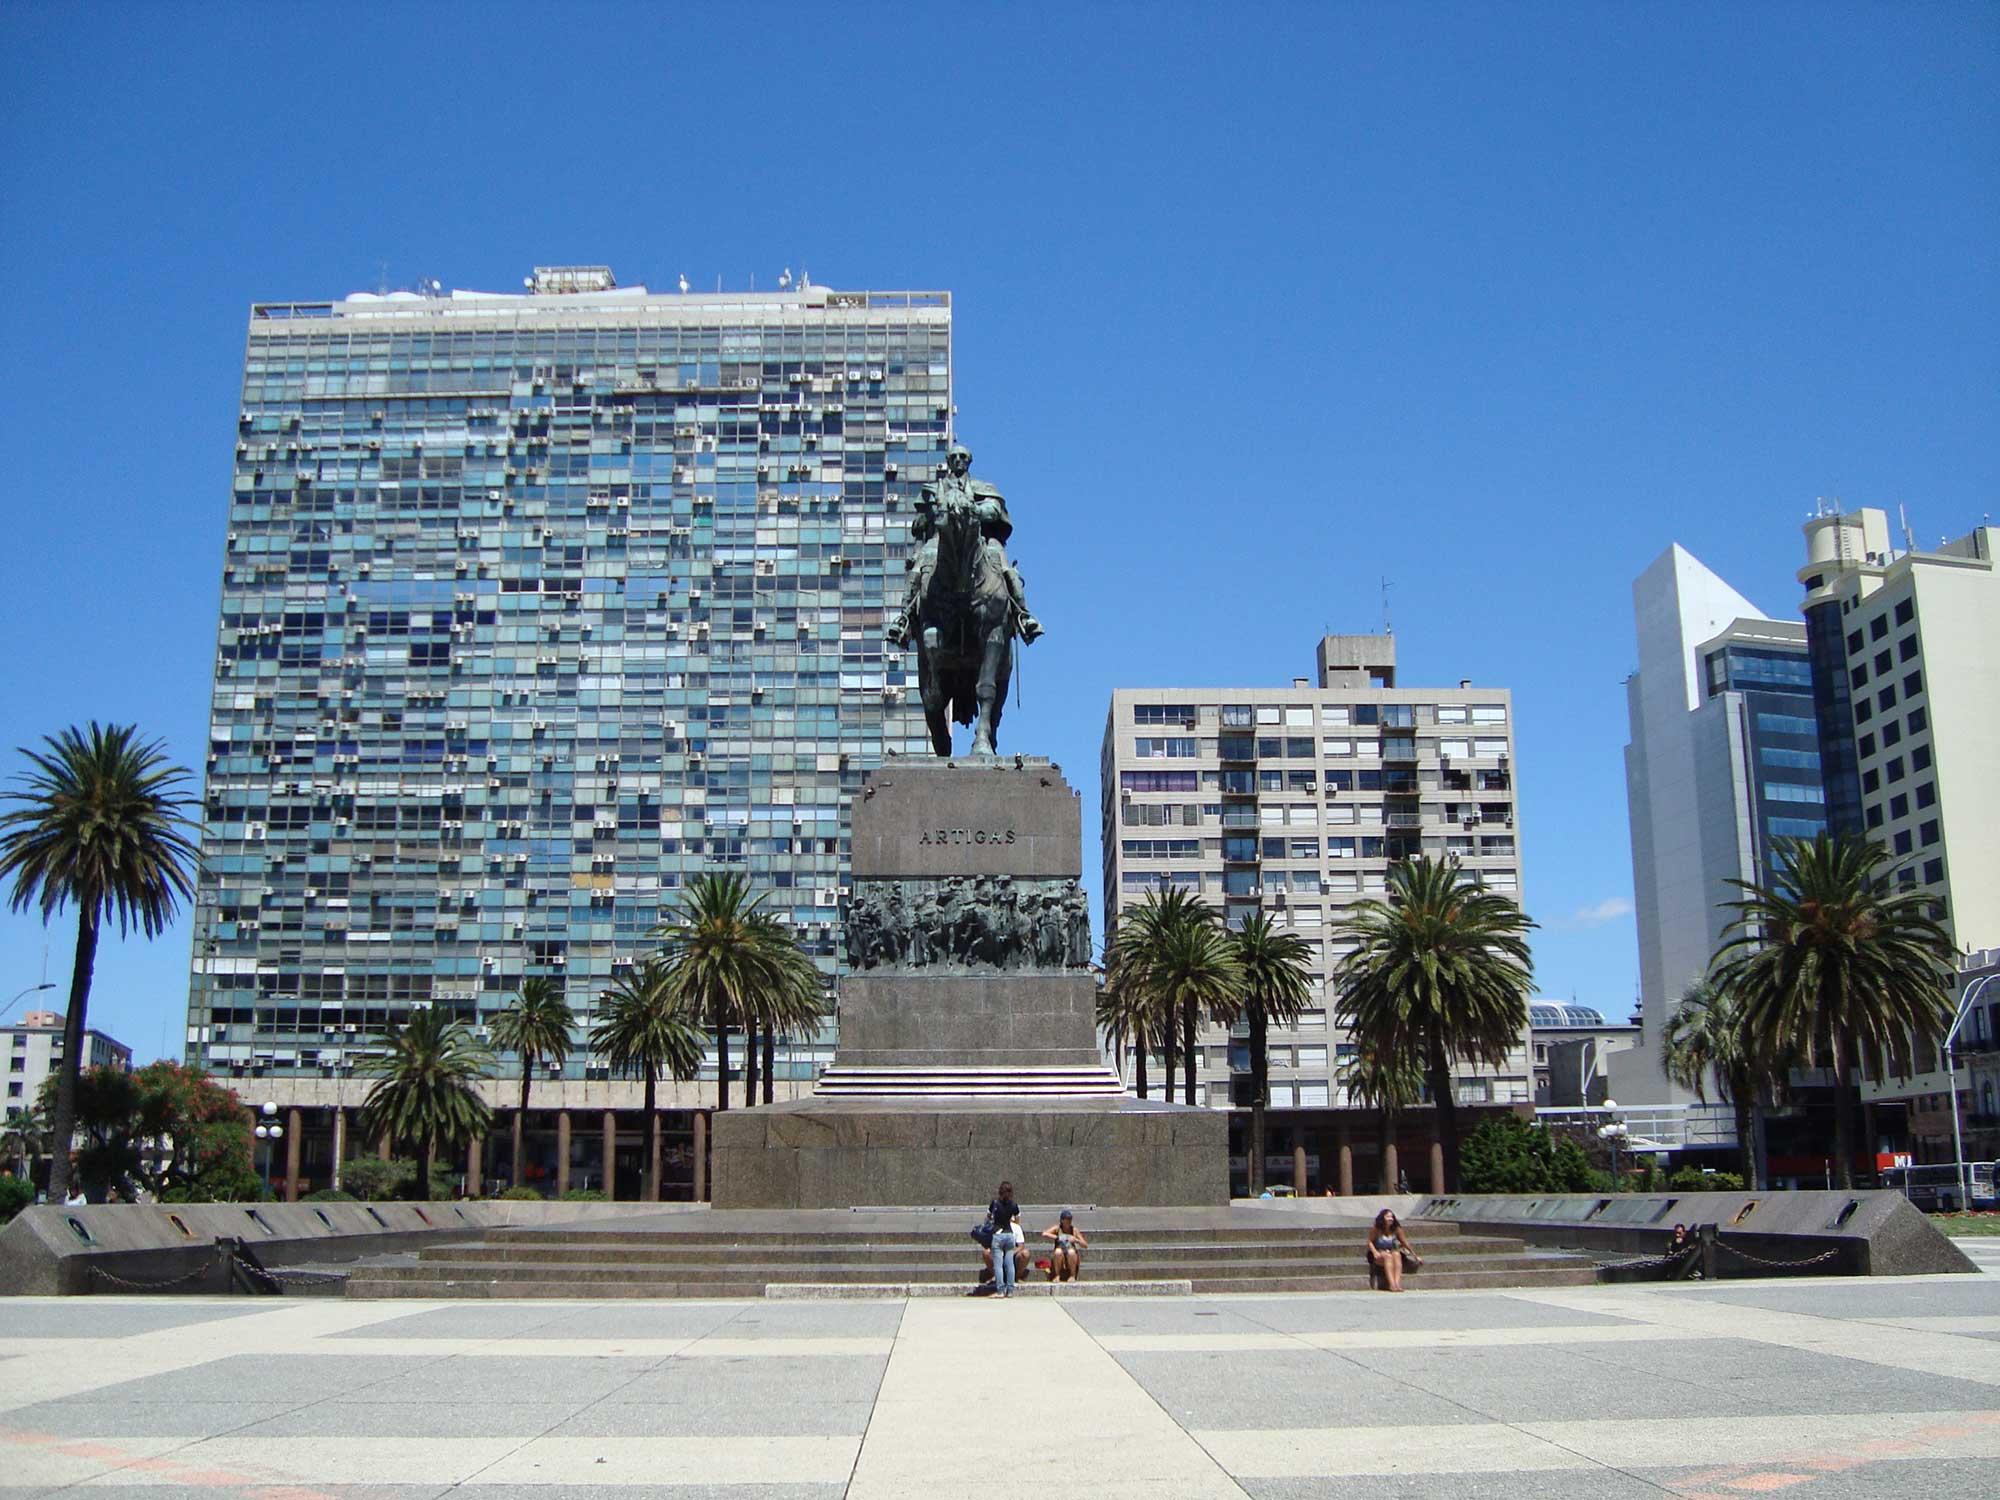 Monumento em homenagem a Artigas